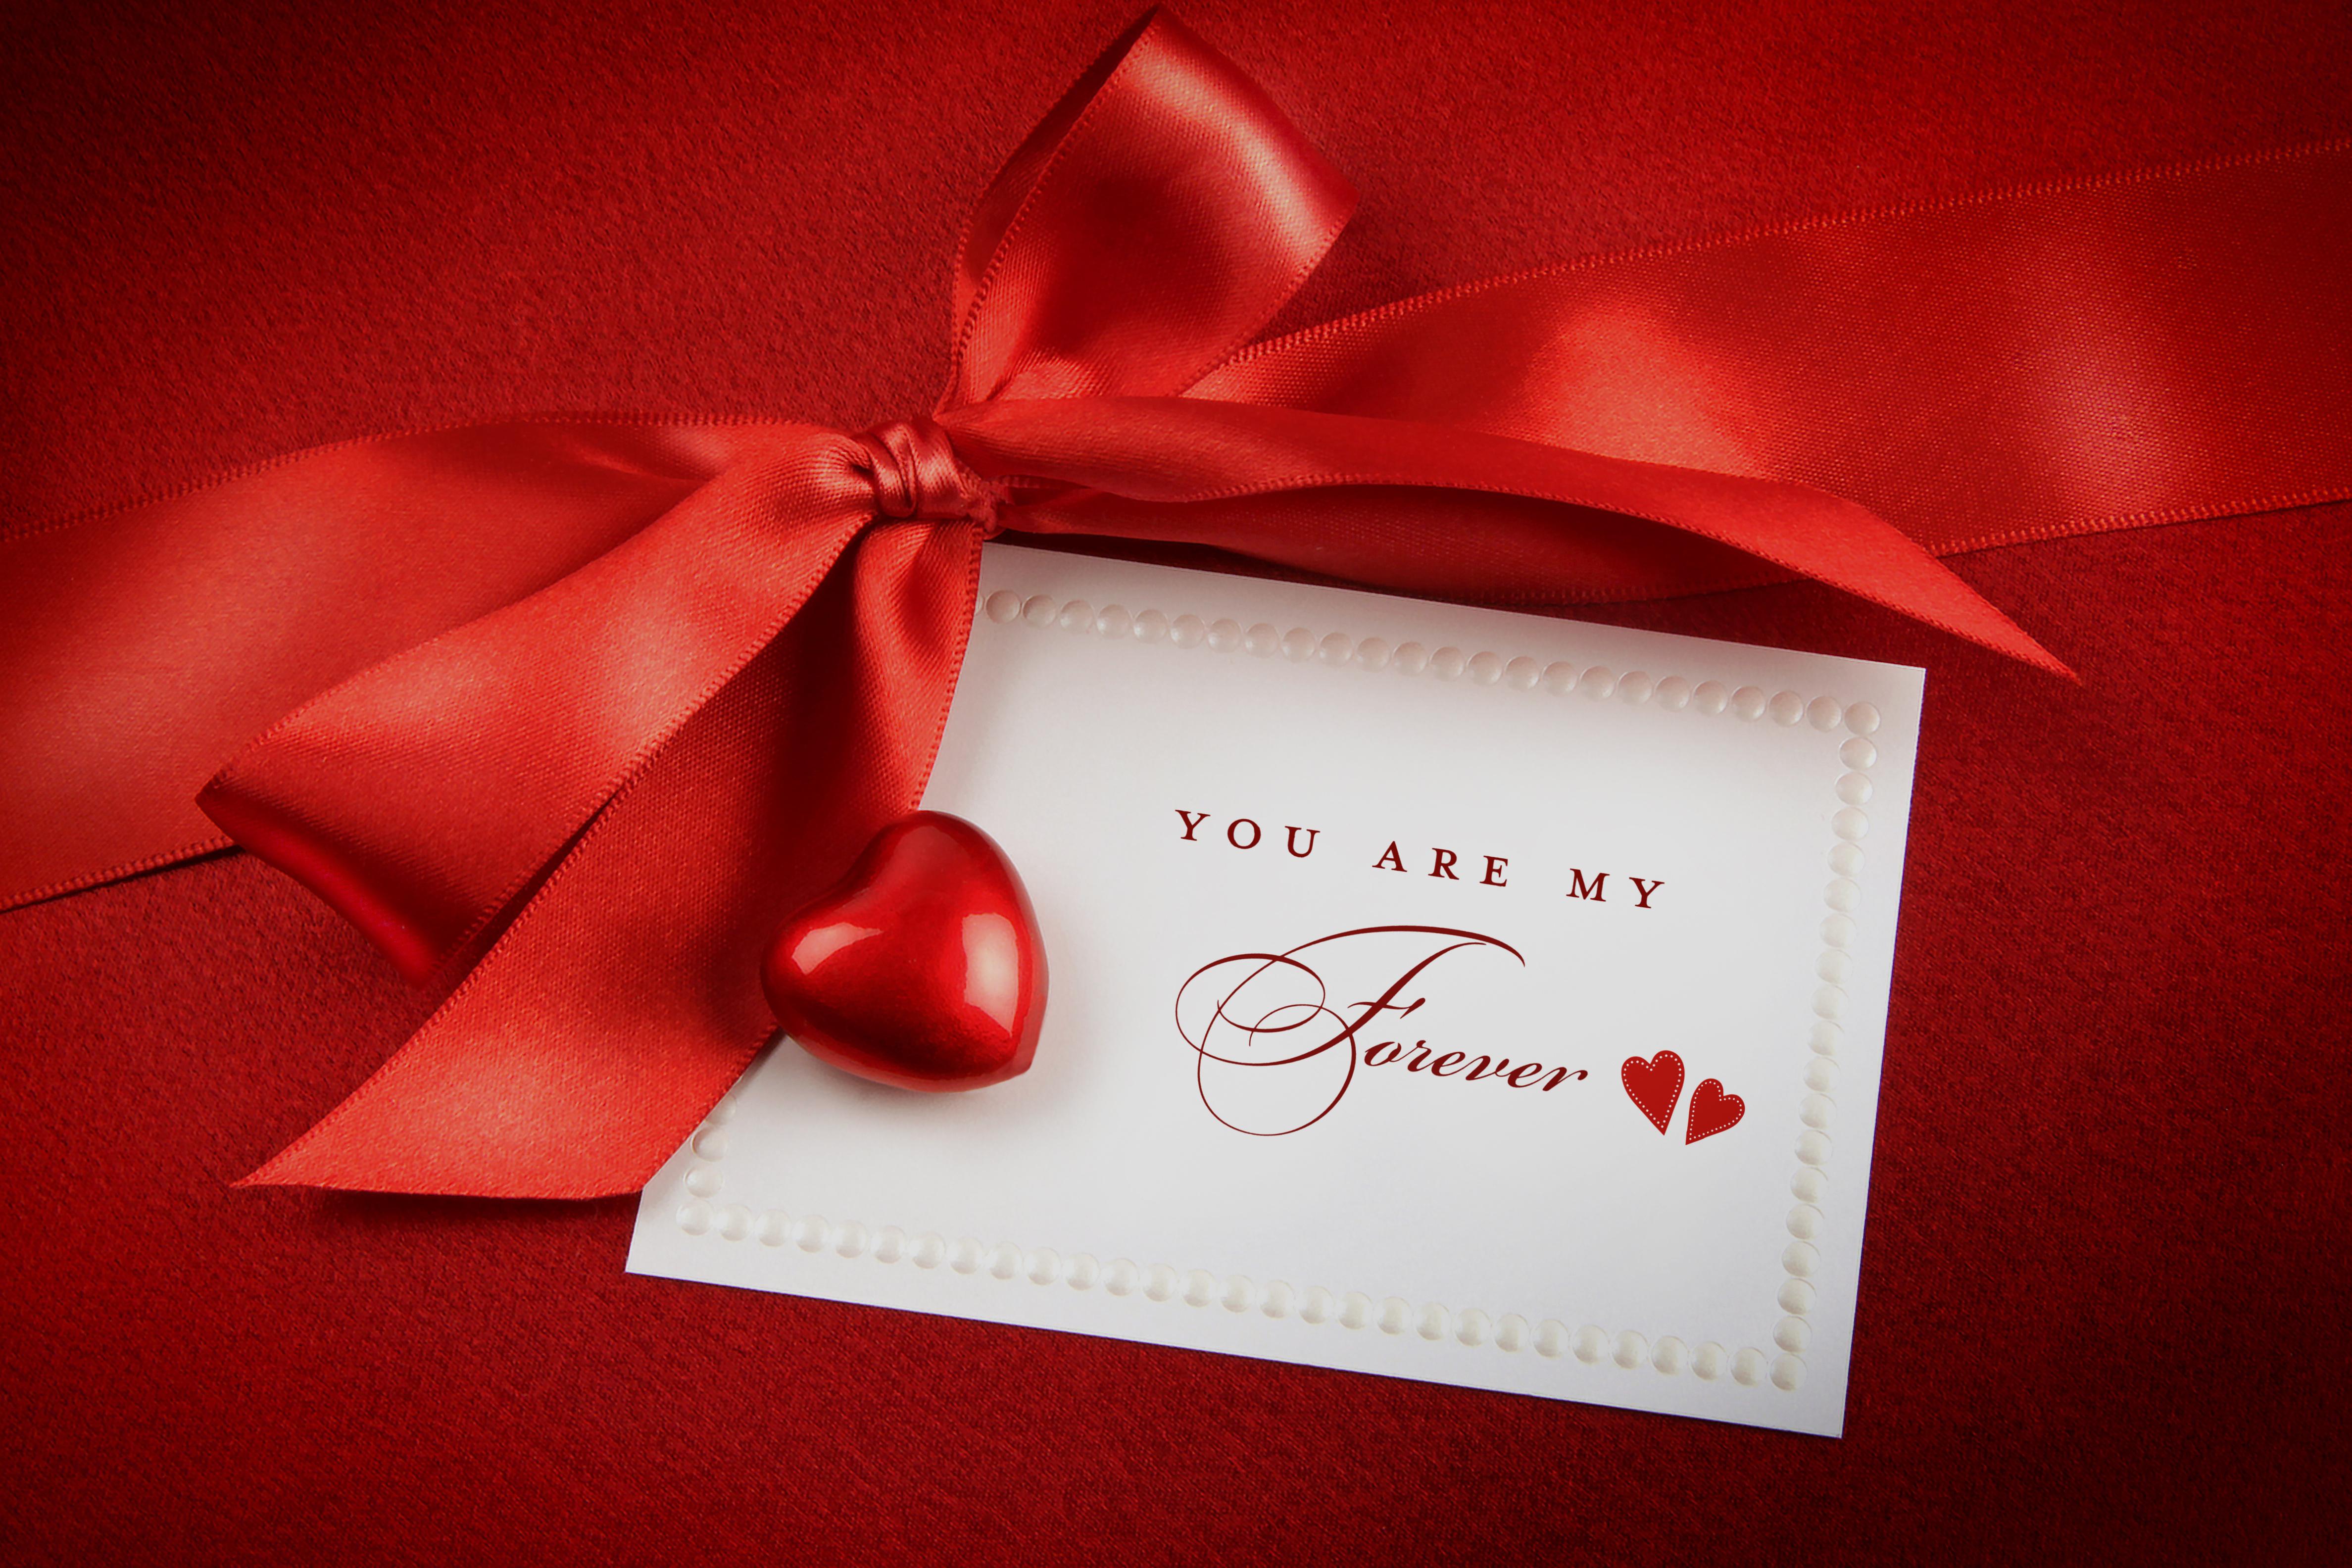 Зимних, романтические подписи к открыткам